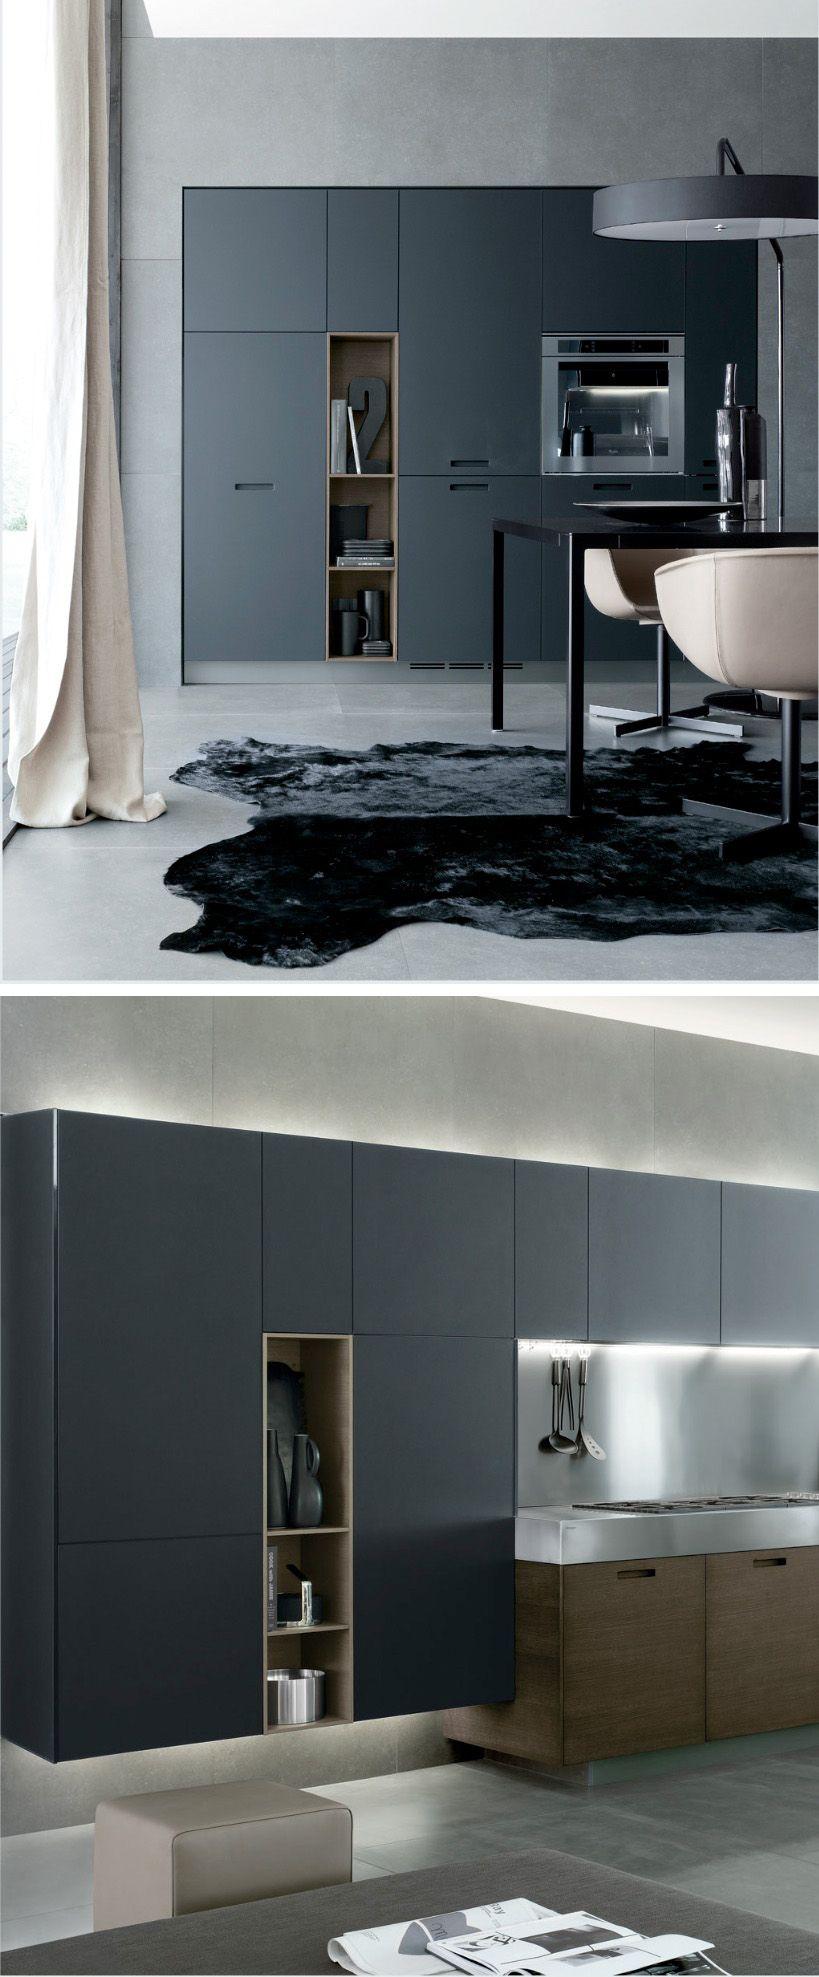 Modern bathroom design kitchen k che wohnung k che e for Letto minimalista